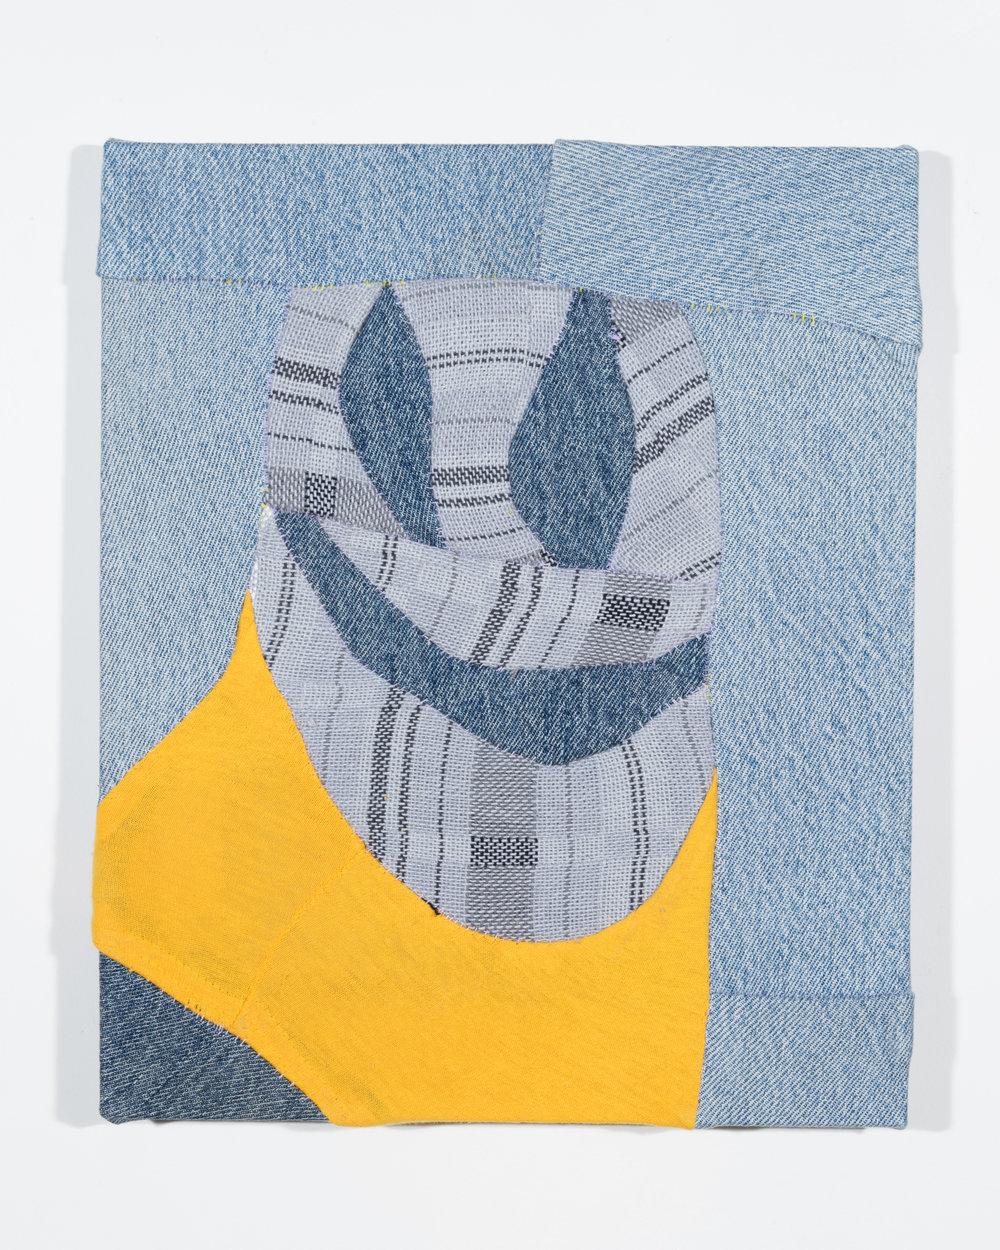 028-Bruno Smith.jpg